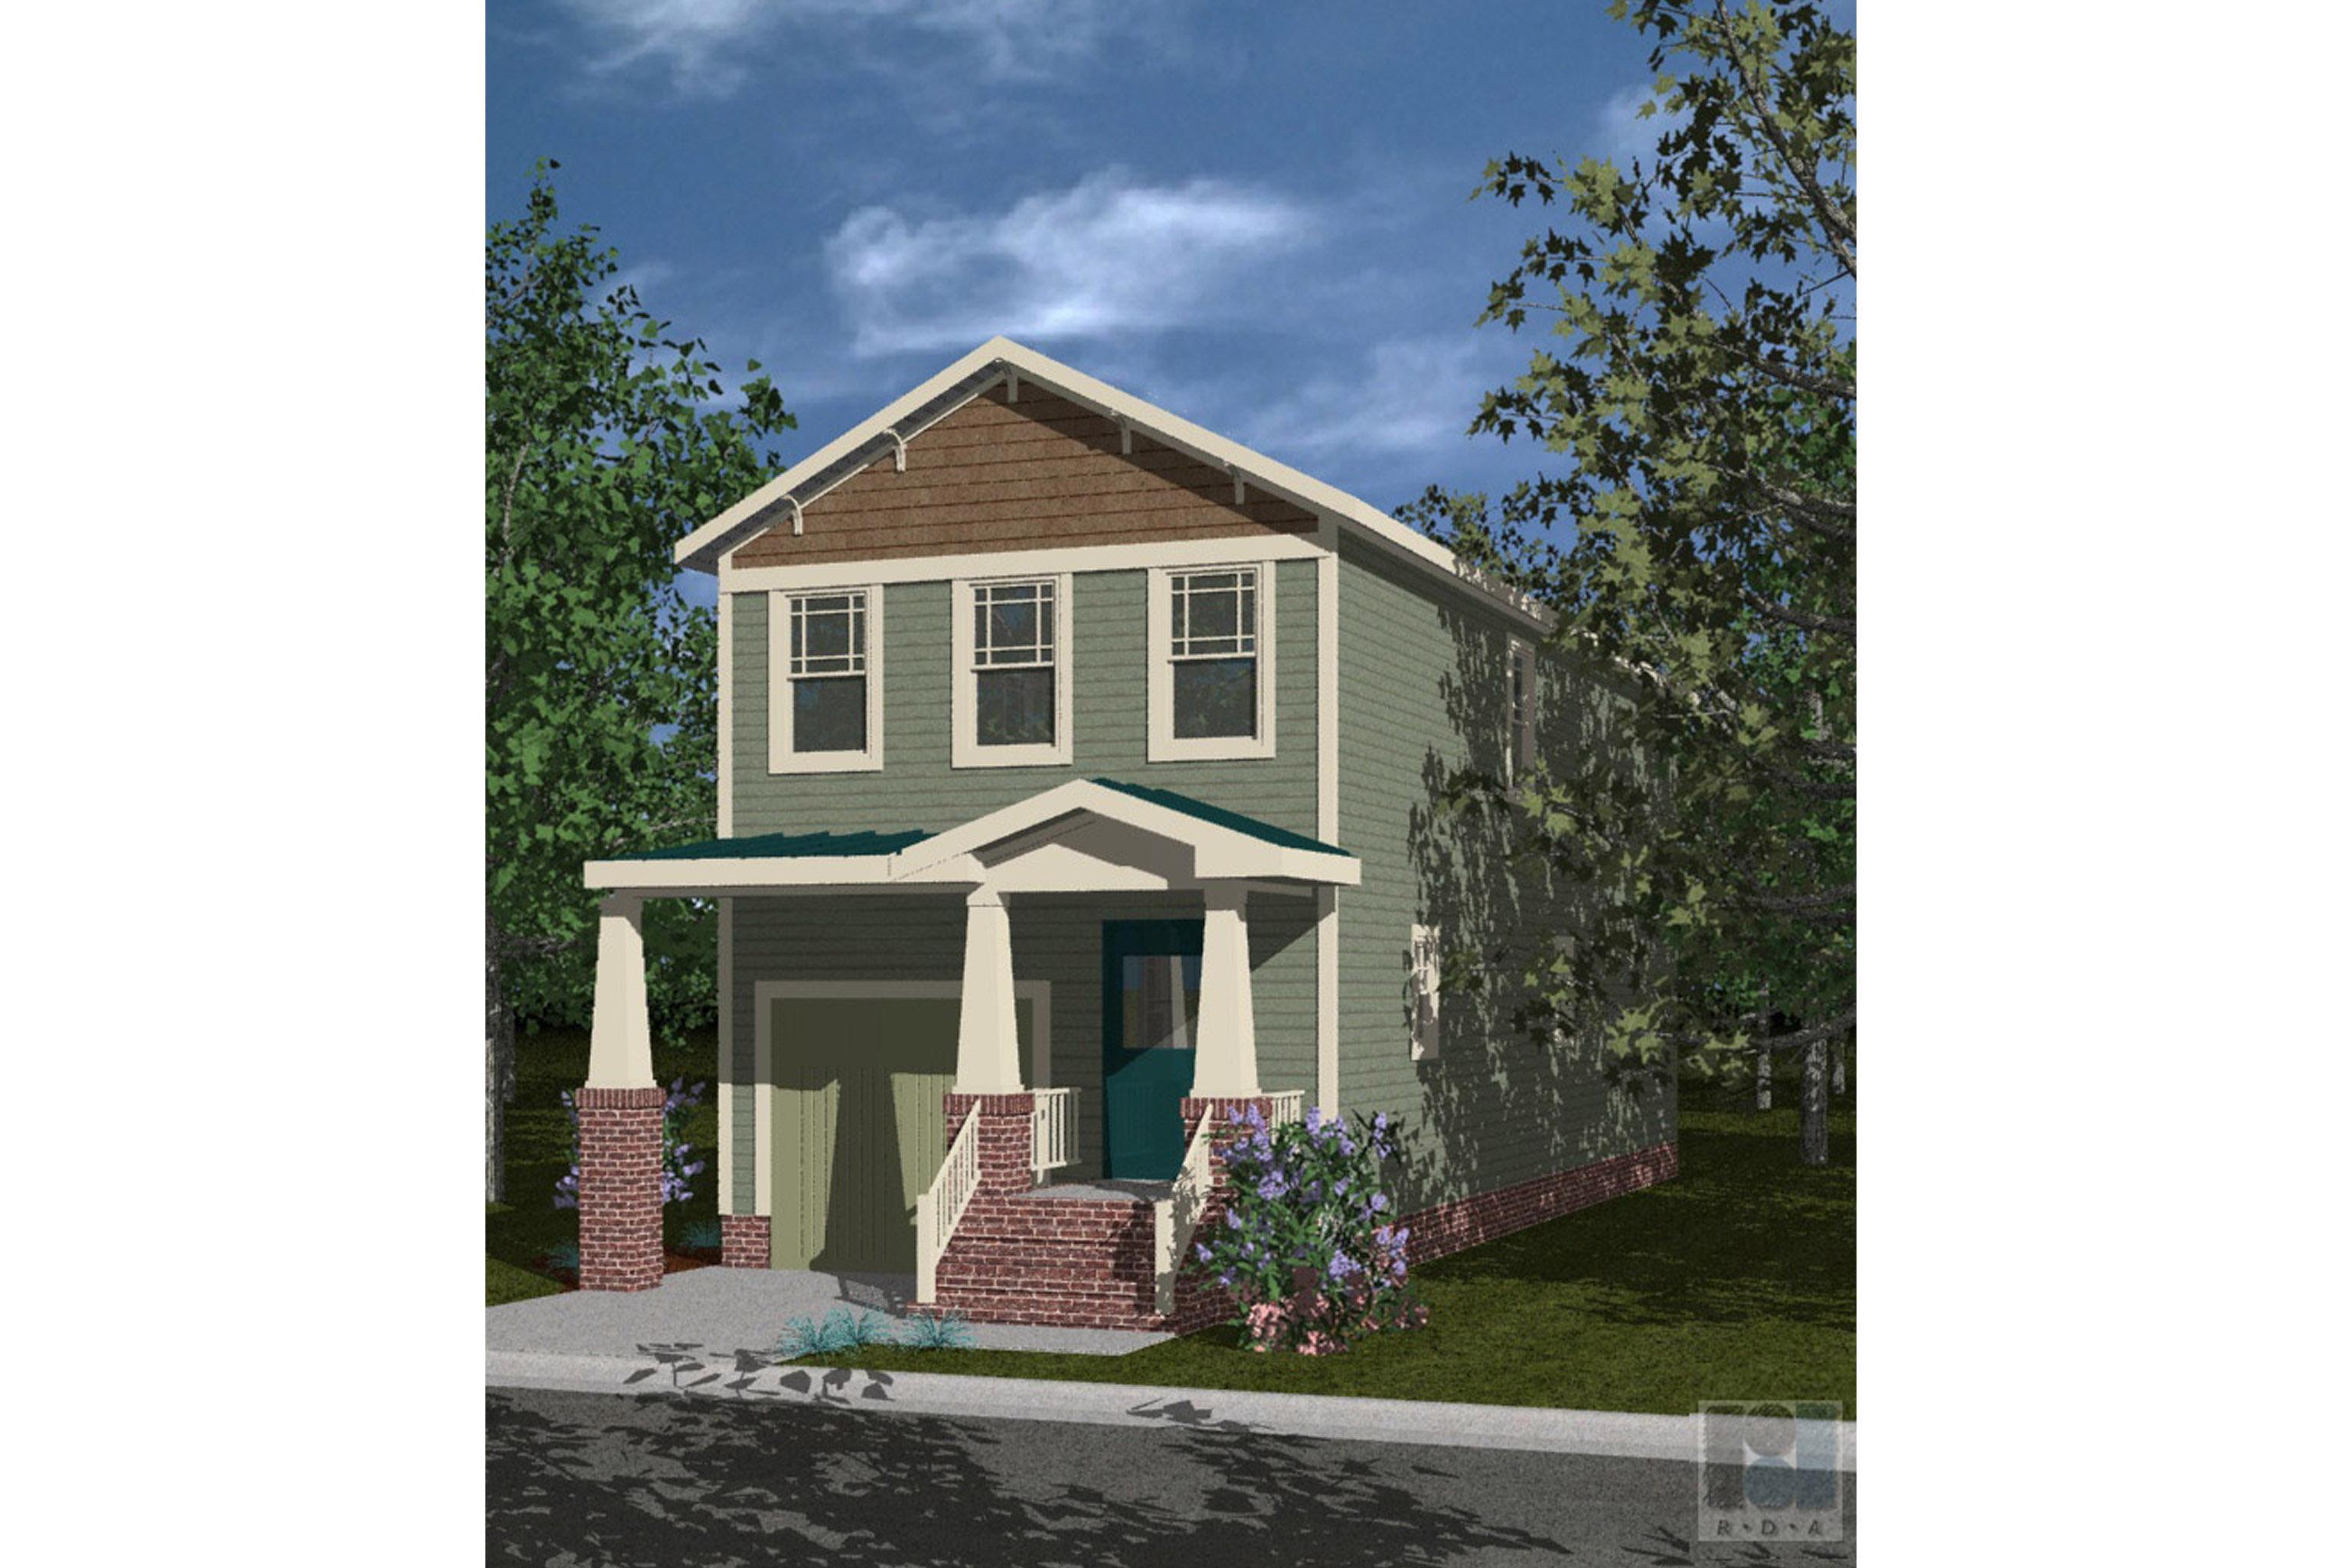 House Plan 166 - Onley 4